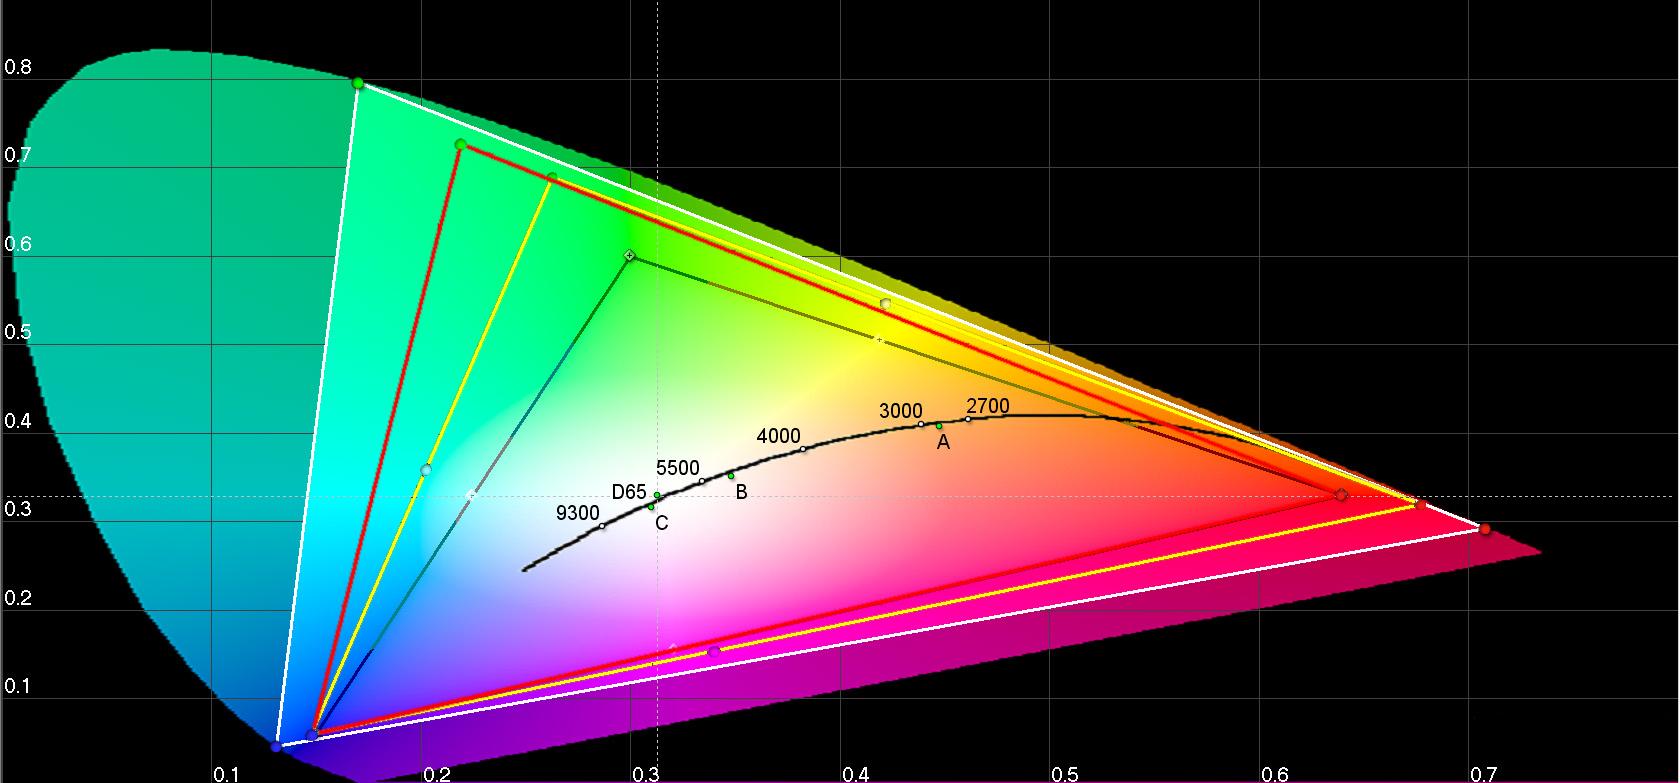 Die bunte Ellipse zeigt das gesamte Farbspektrum, das ein gesundes menschliche Auge wahrnehmen kann. Die Farbigen Dreiecke darin sind typische Farbraummodelle, die für Ultra-High-Definition (Weiß), Adobe RGB (Rot), DCI-Kino (Gelb) und HDTV (Schwarz) verwendet werden.